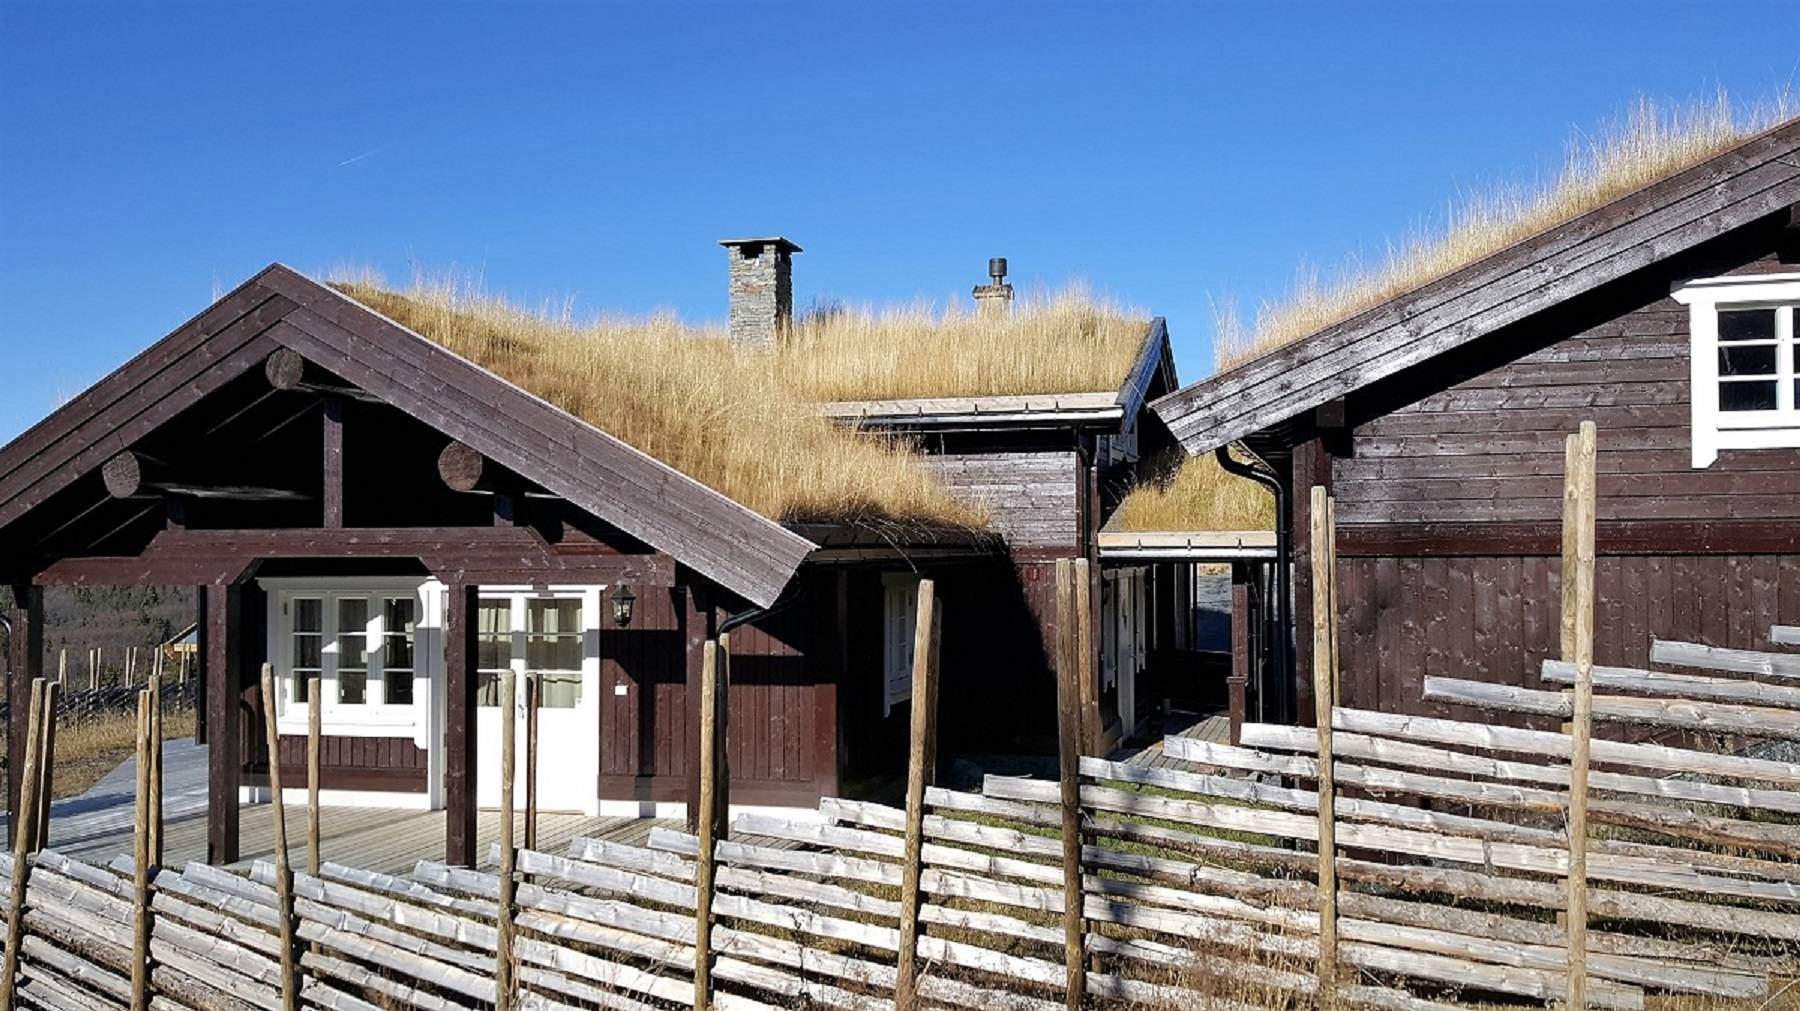 124 Hytte Høyset Panorama – Rondeslottet 95